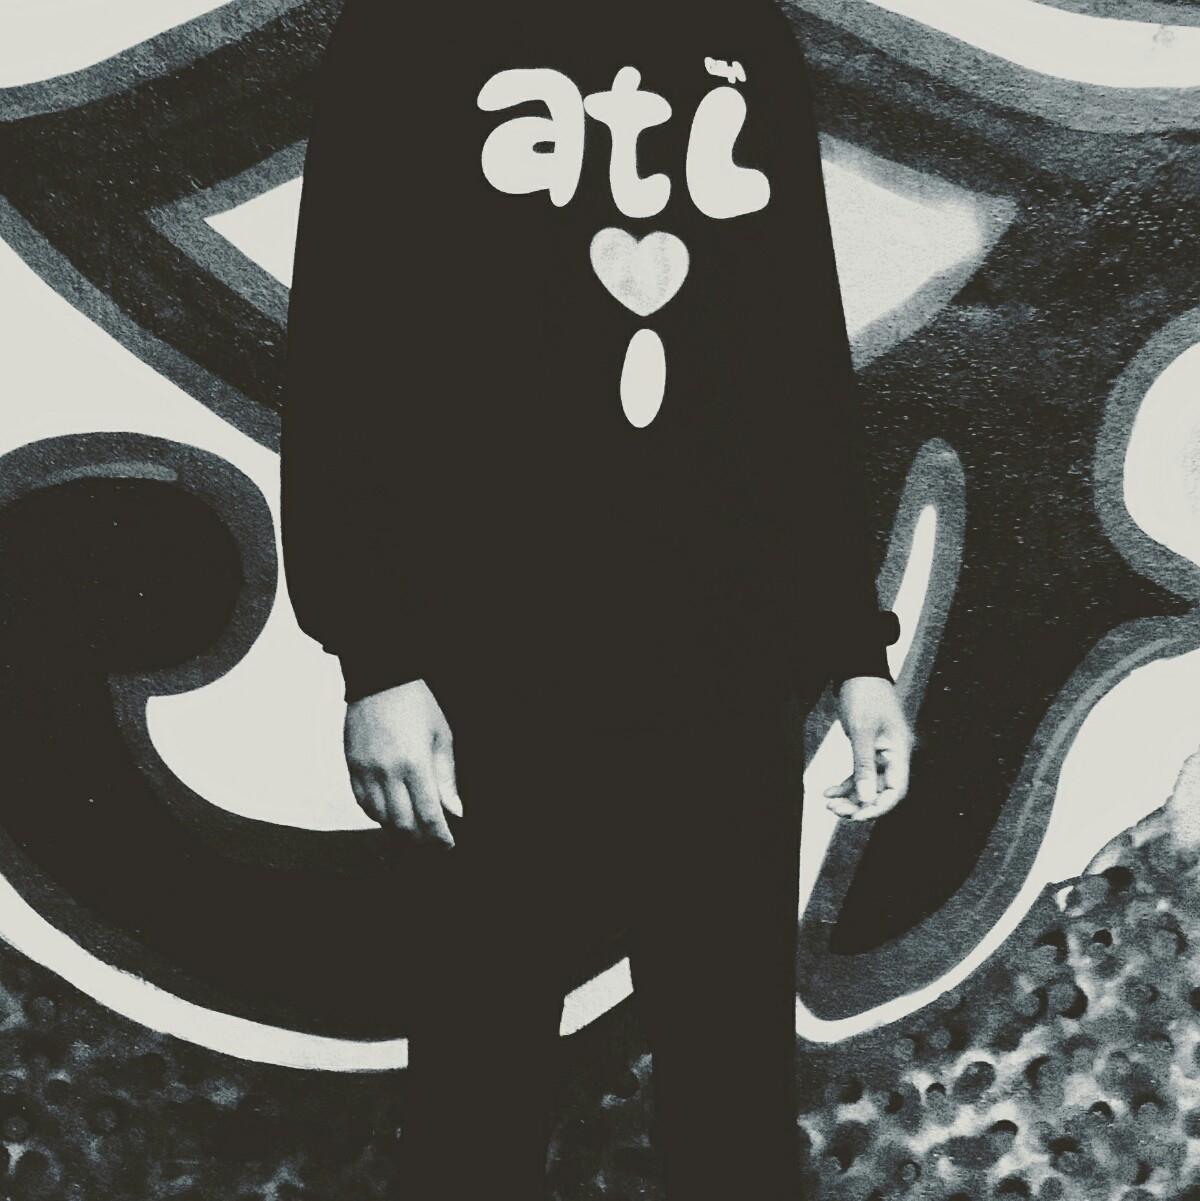 ATL Daido Style - streetfashion - chillyolovesyou | ello